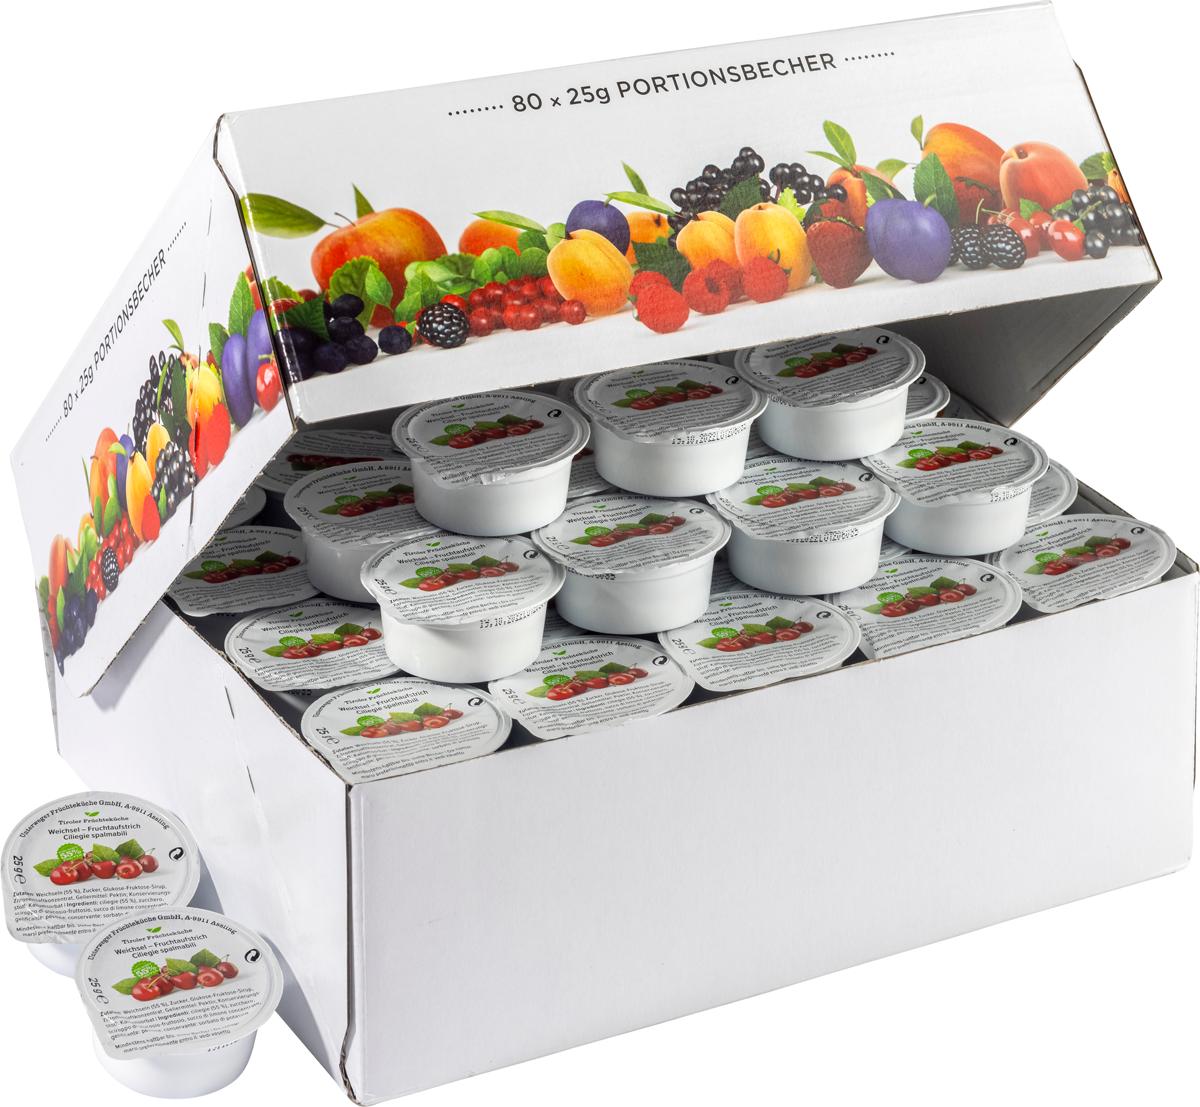 Weichsel Fruchtaufstrich im Portionsbecher - Karton zu 80 Stk